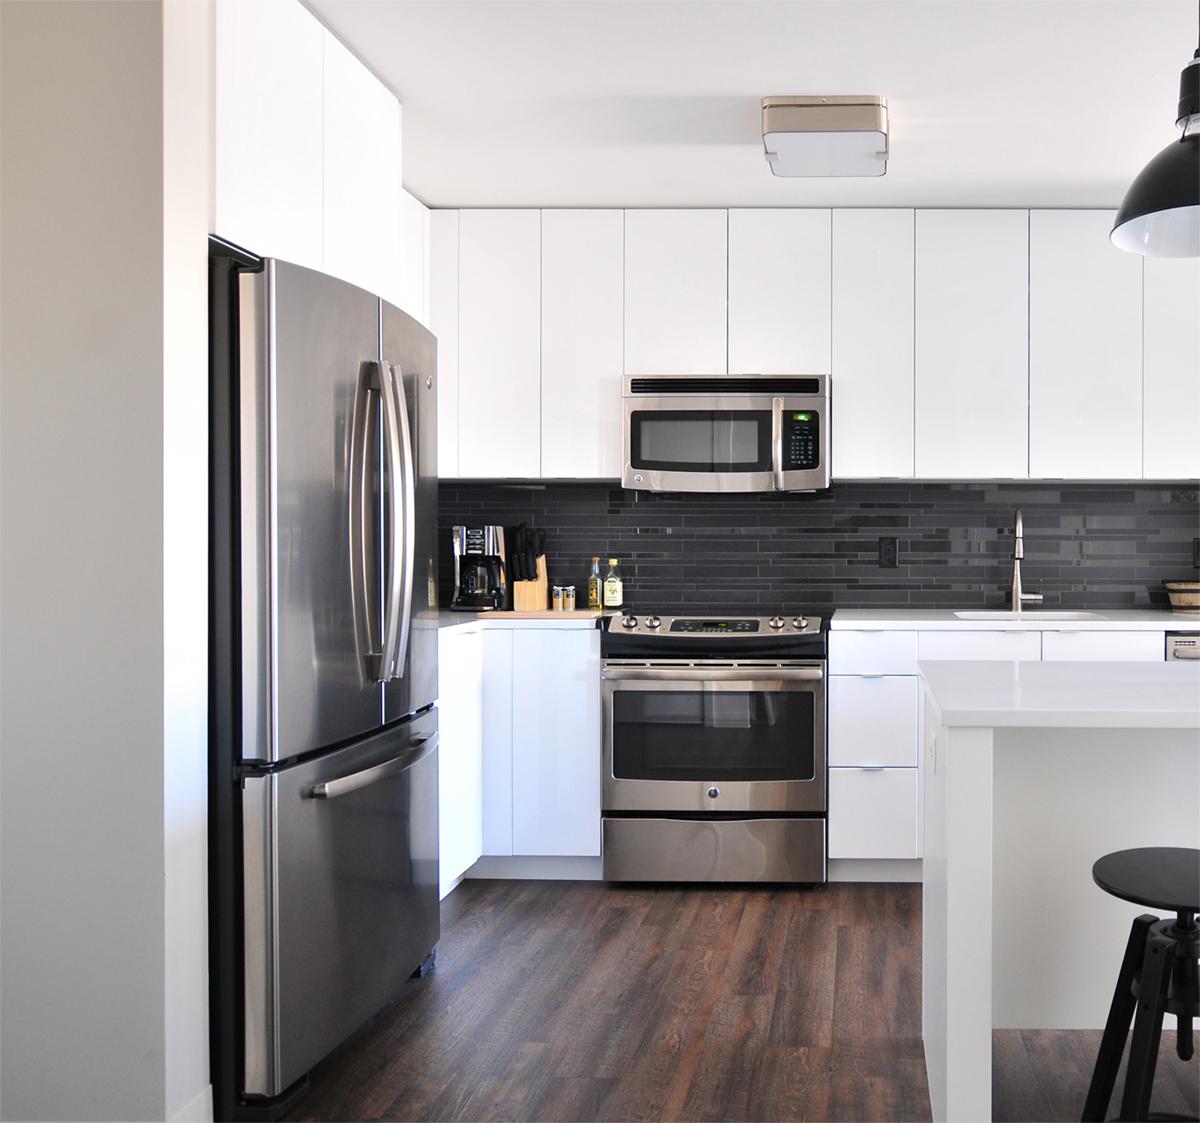 Bright kitchen setting